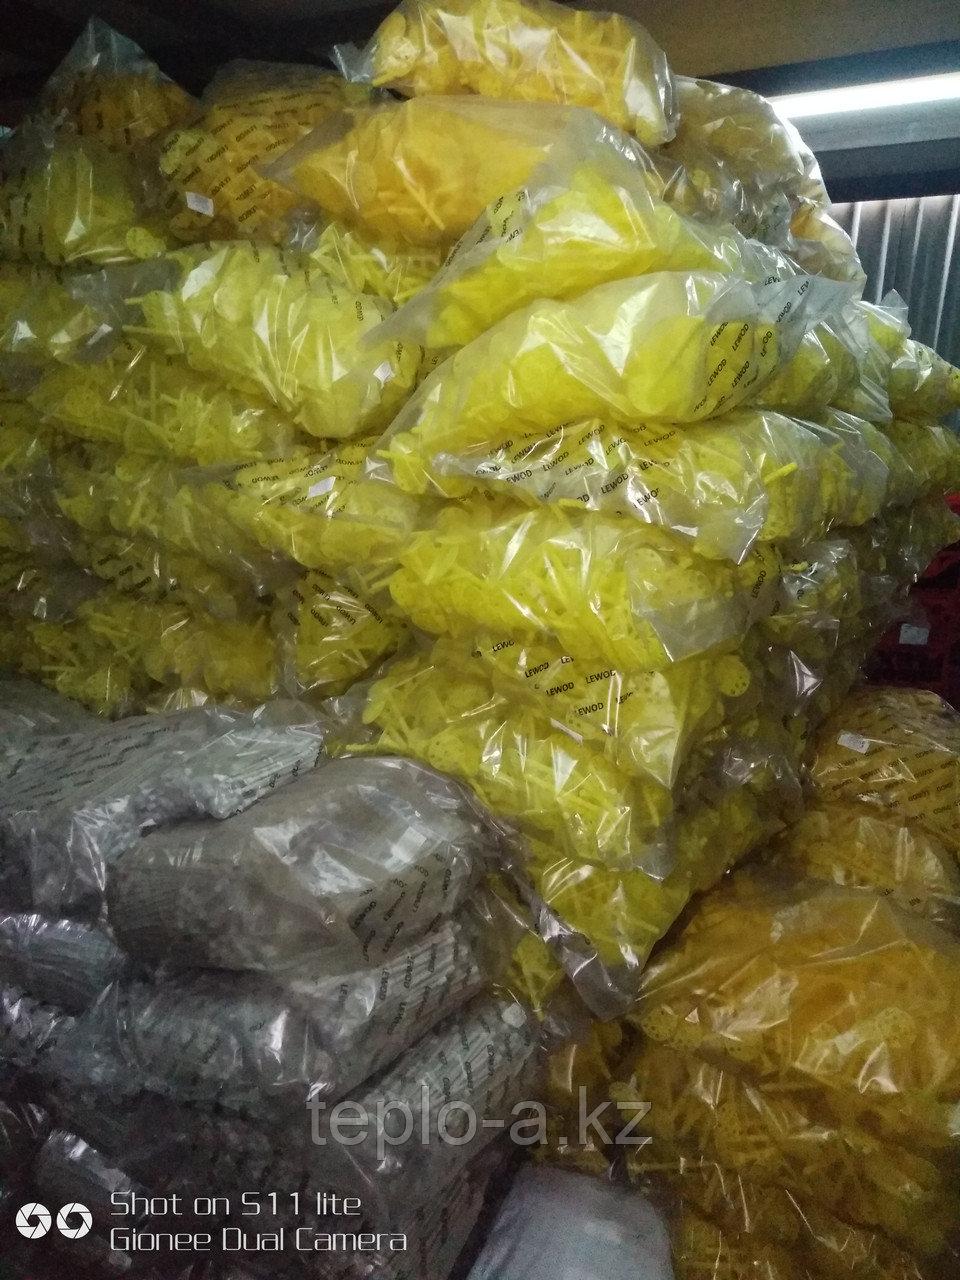 Дюбель зонтик  пластиковый для теплоизоляции. 10-160  mm Желтые